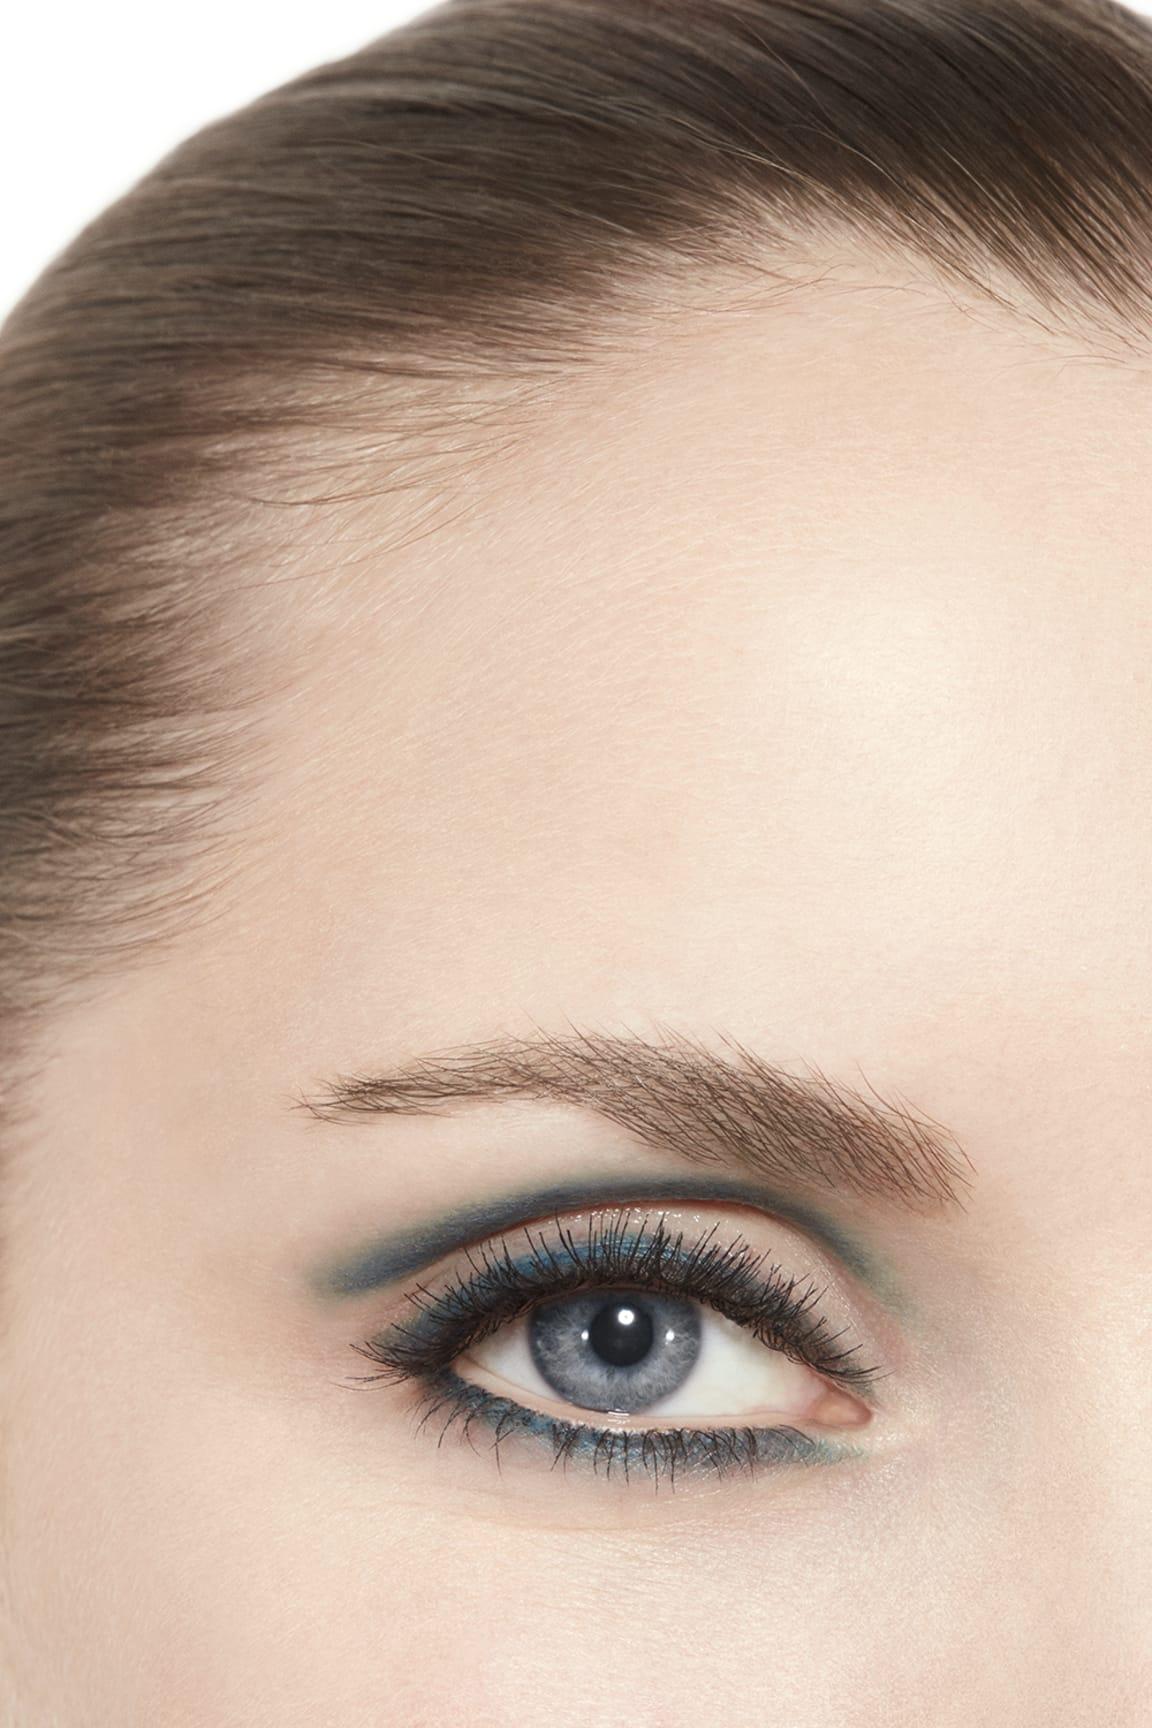 Imagen aplicación de maquillaje 3 - STYLO OMBRE ET CONTOUR 02 - BLEU NUIT